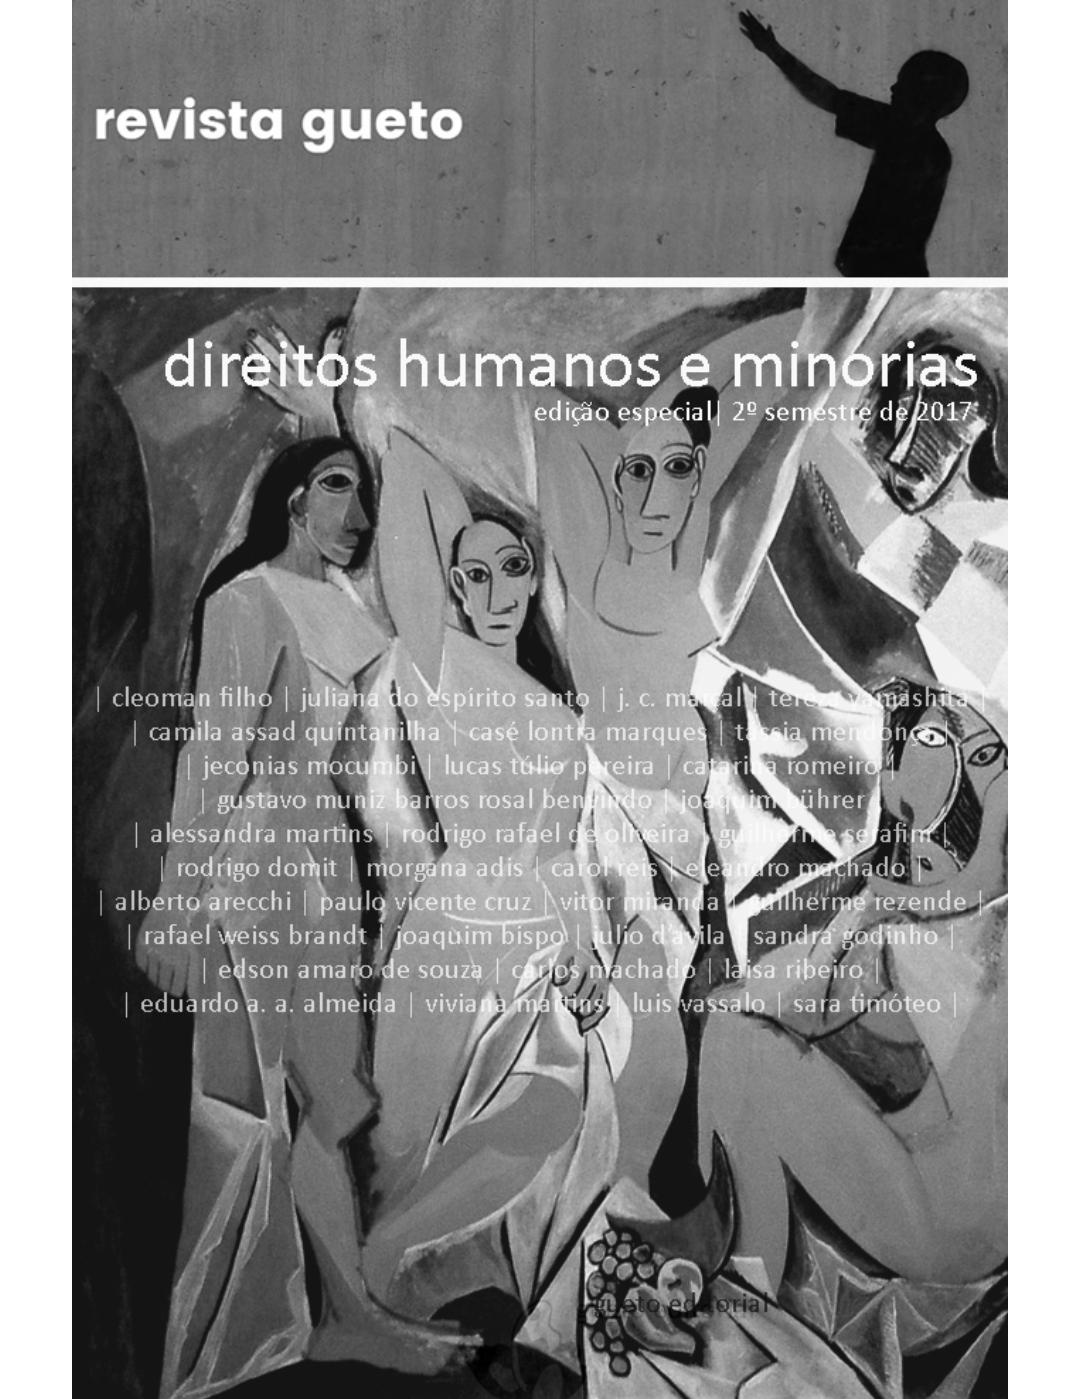 Revista Gueto_Direitos Humanos e Minorias